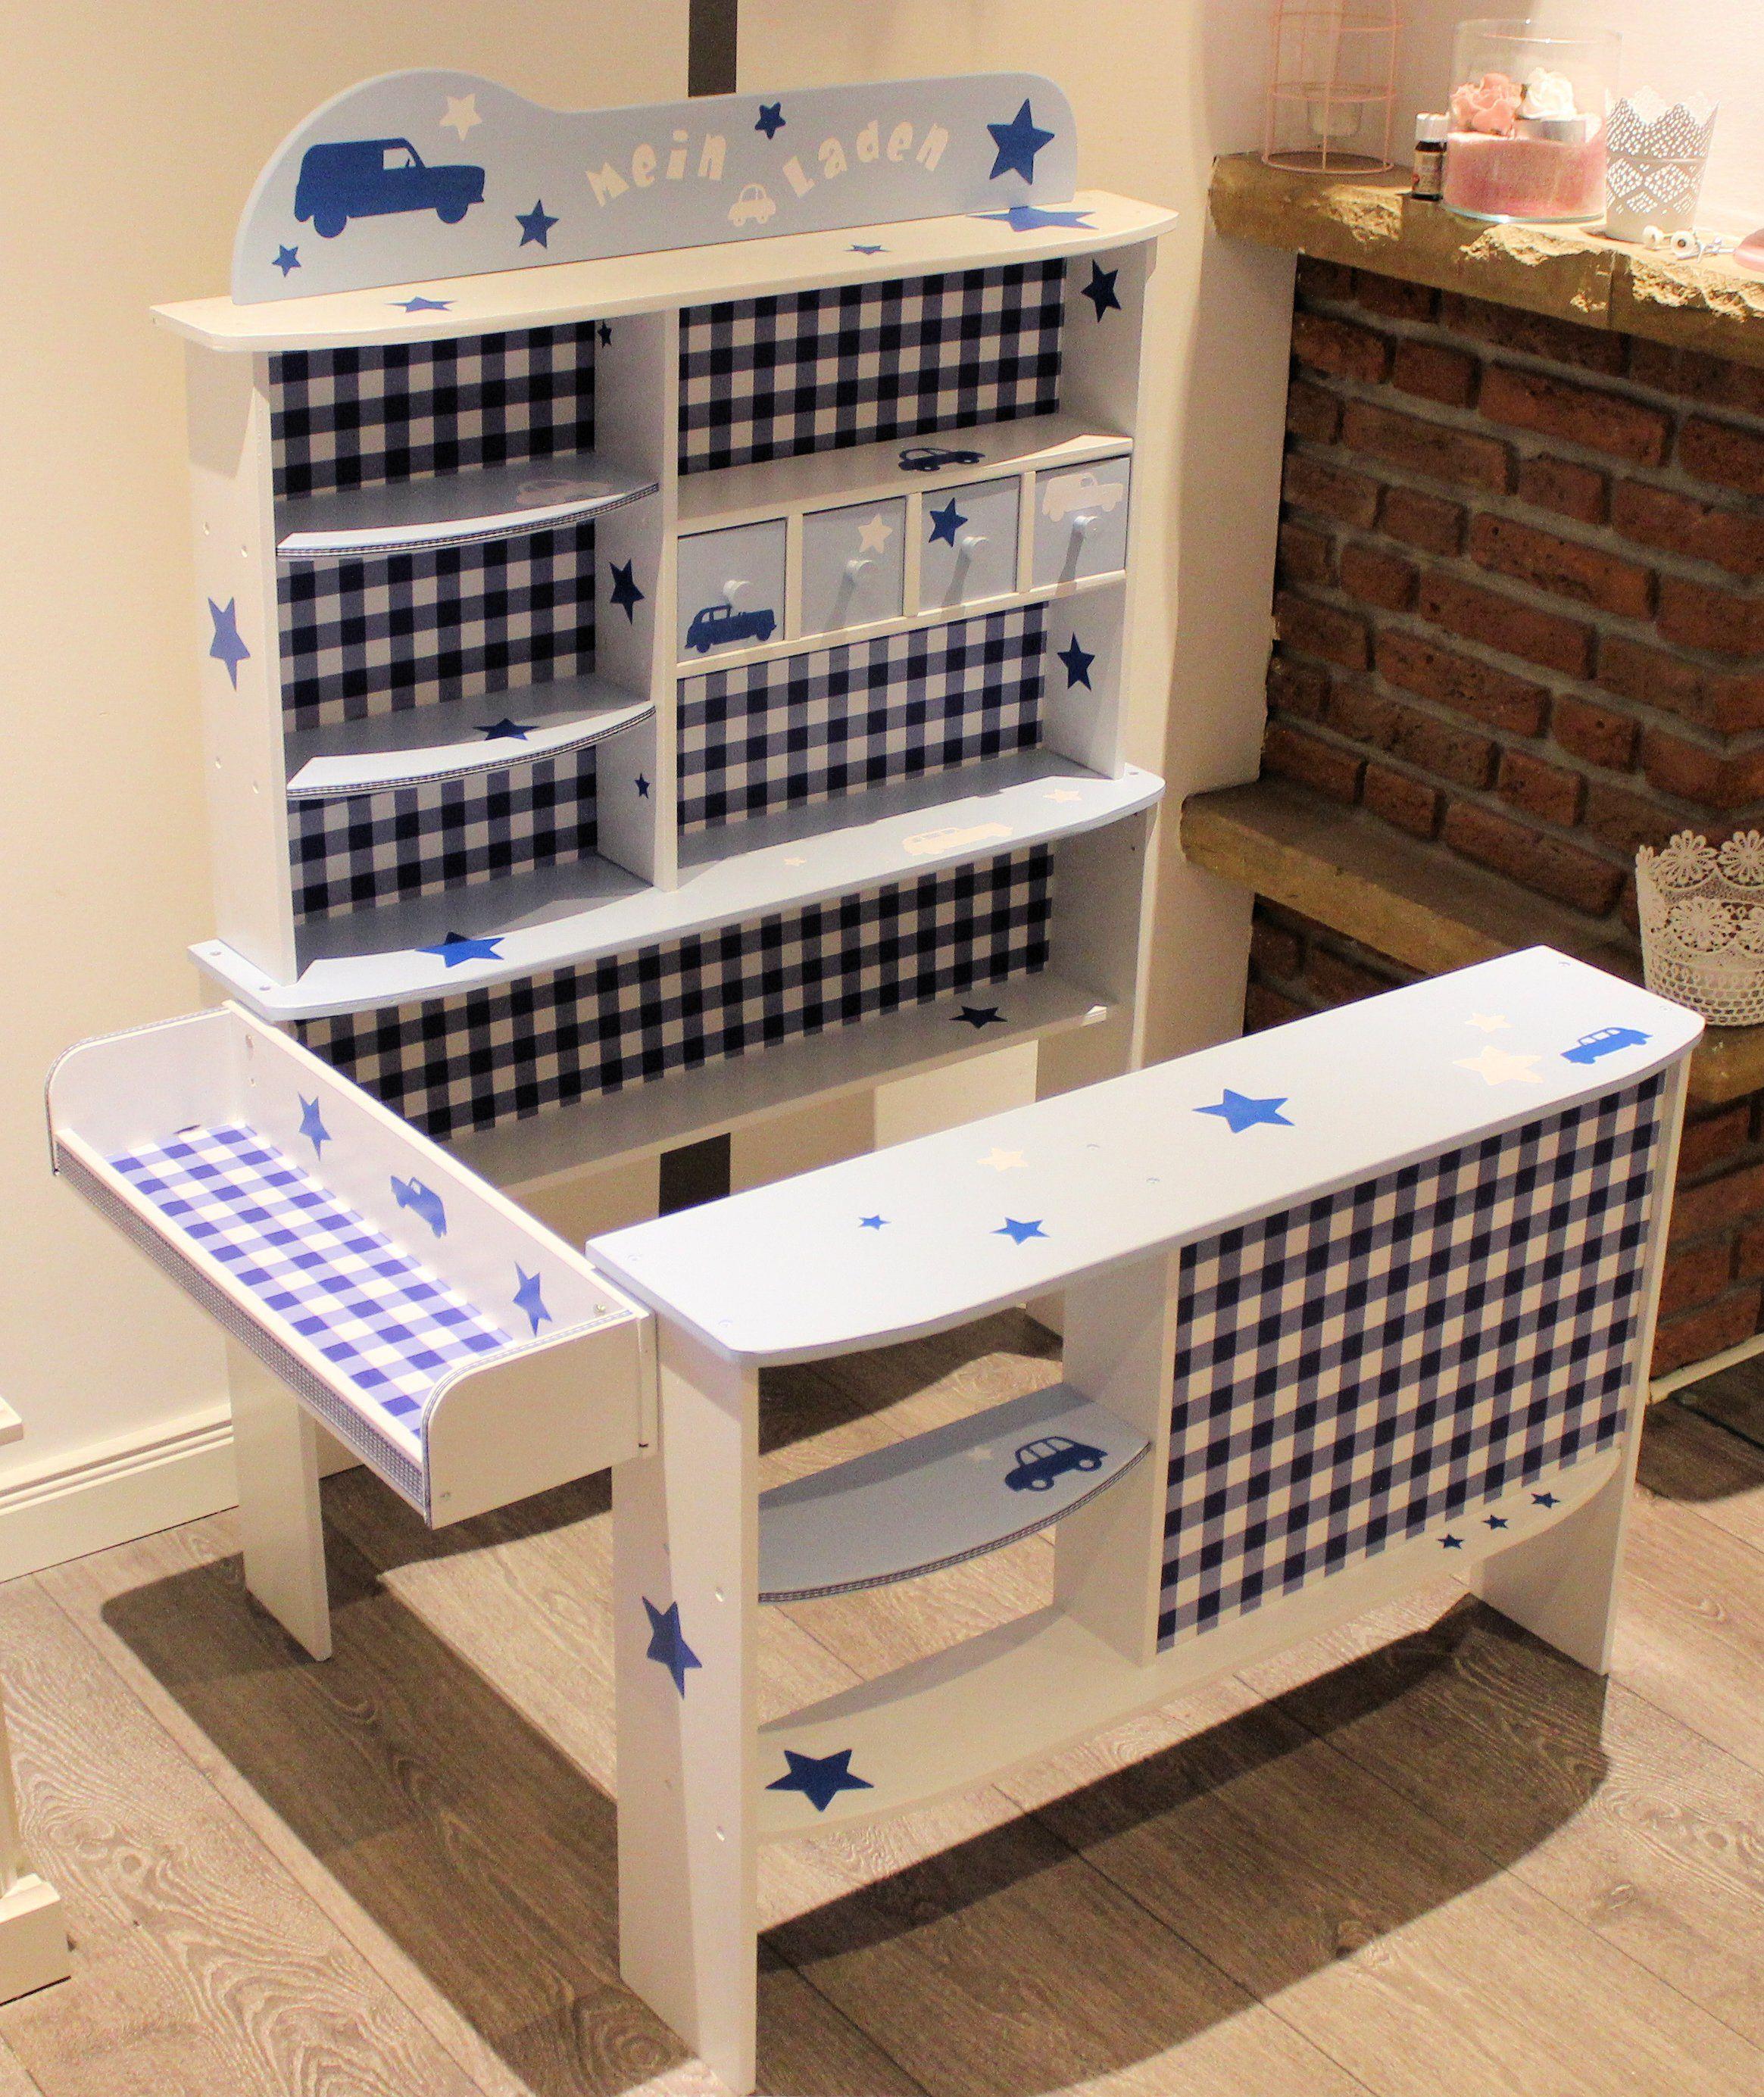 kaufladen wei blau kaufladen und kinderk che pinterest kaufladen wei kaufladen und. Black Bedroom Furniture Sets. Home Design Ideas